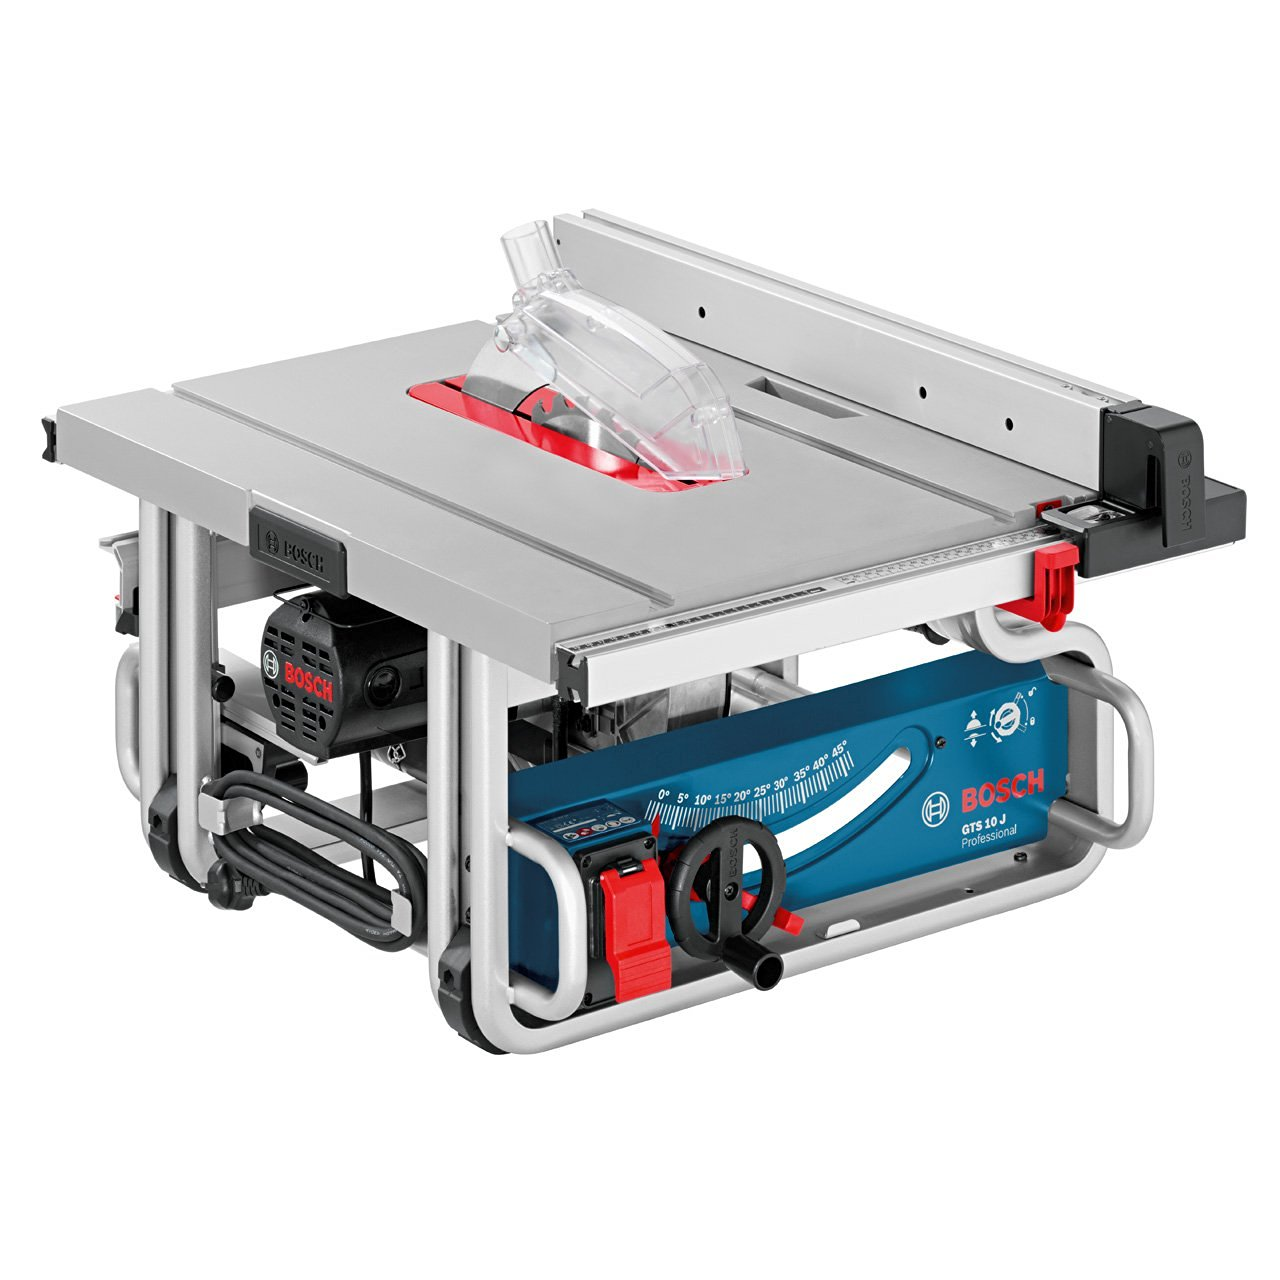 bosch-professional-scie-sur-table-gts-10-jre-1